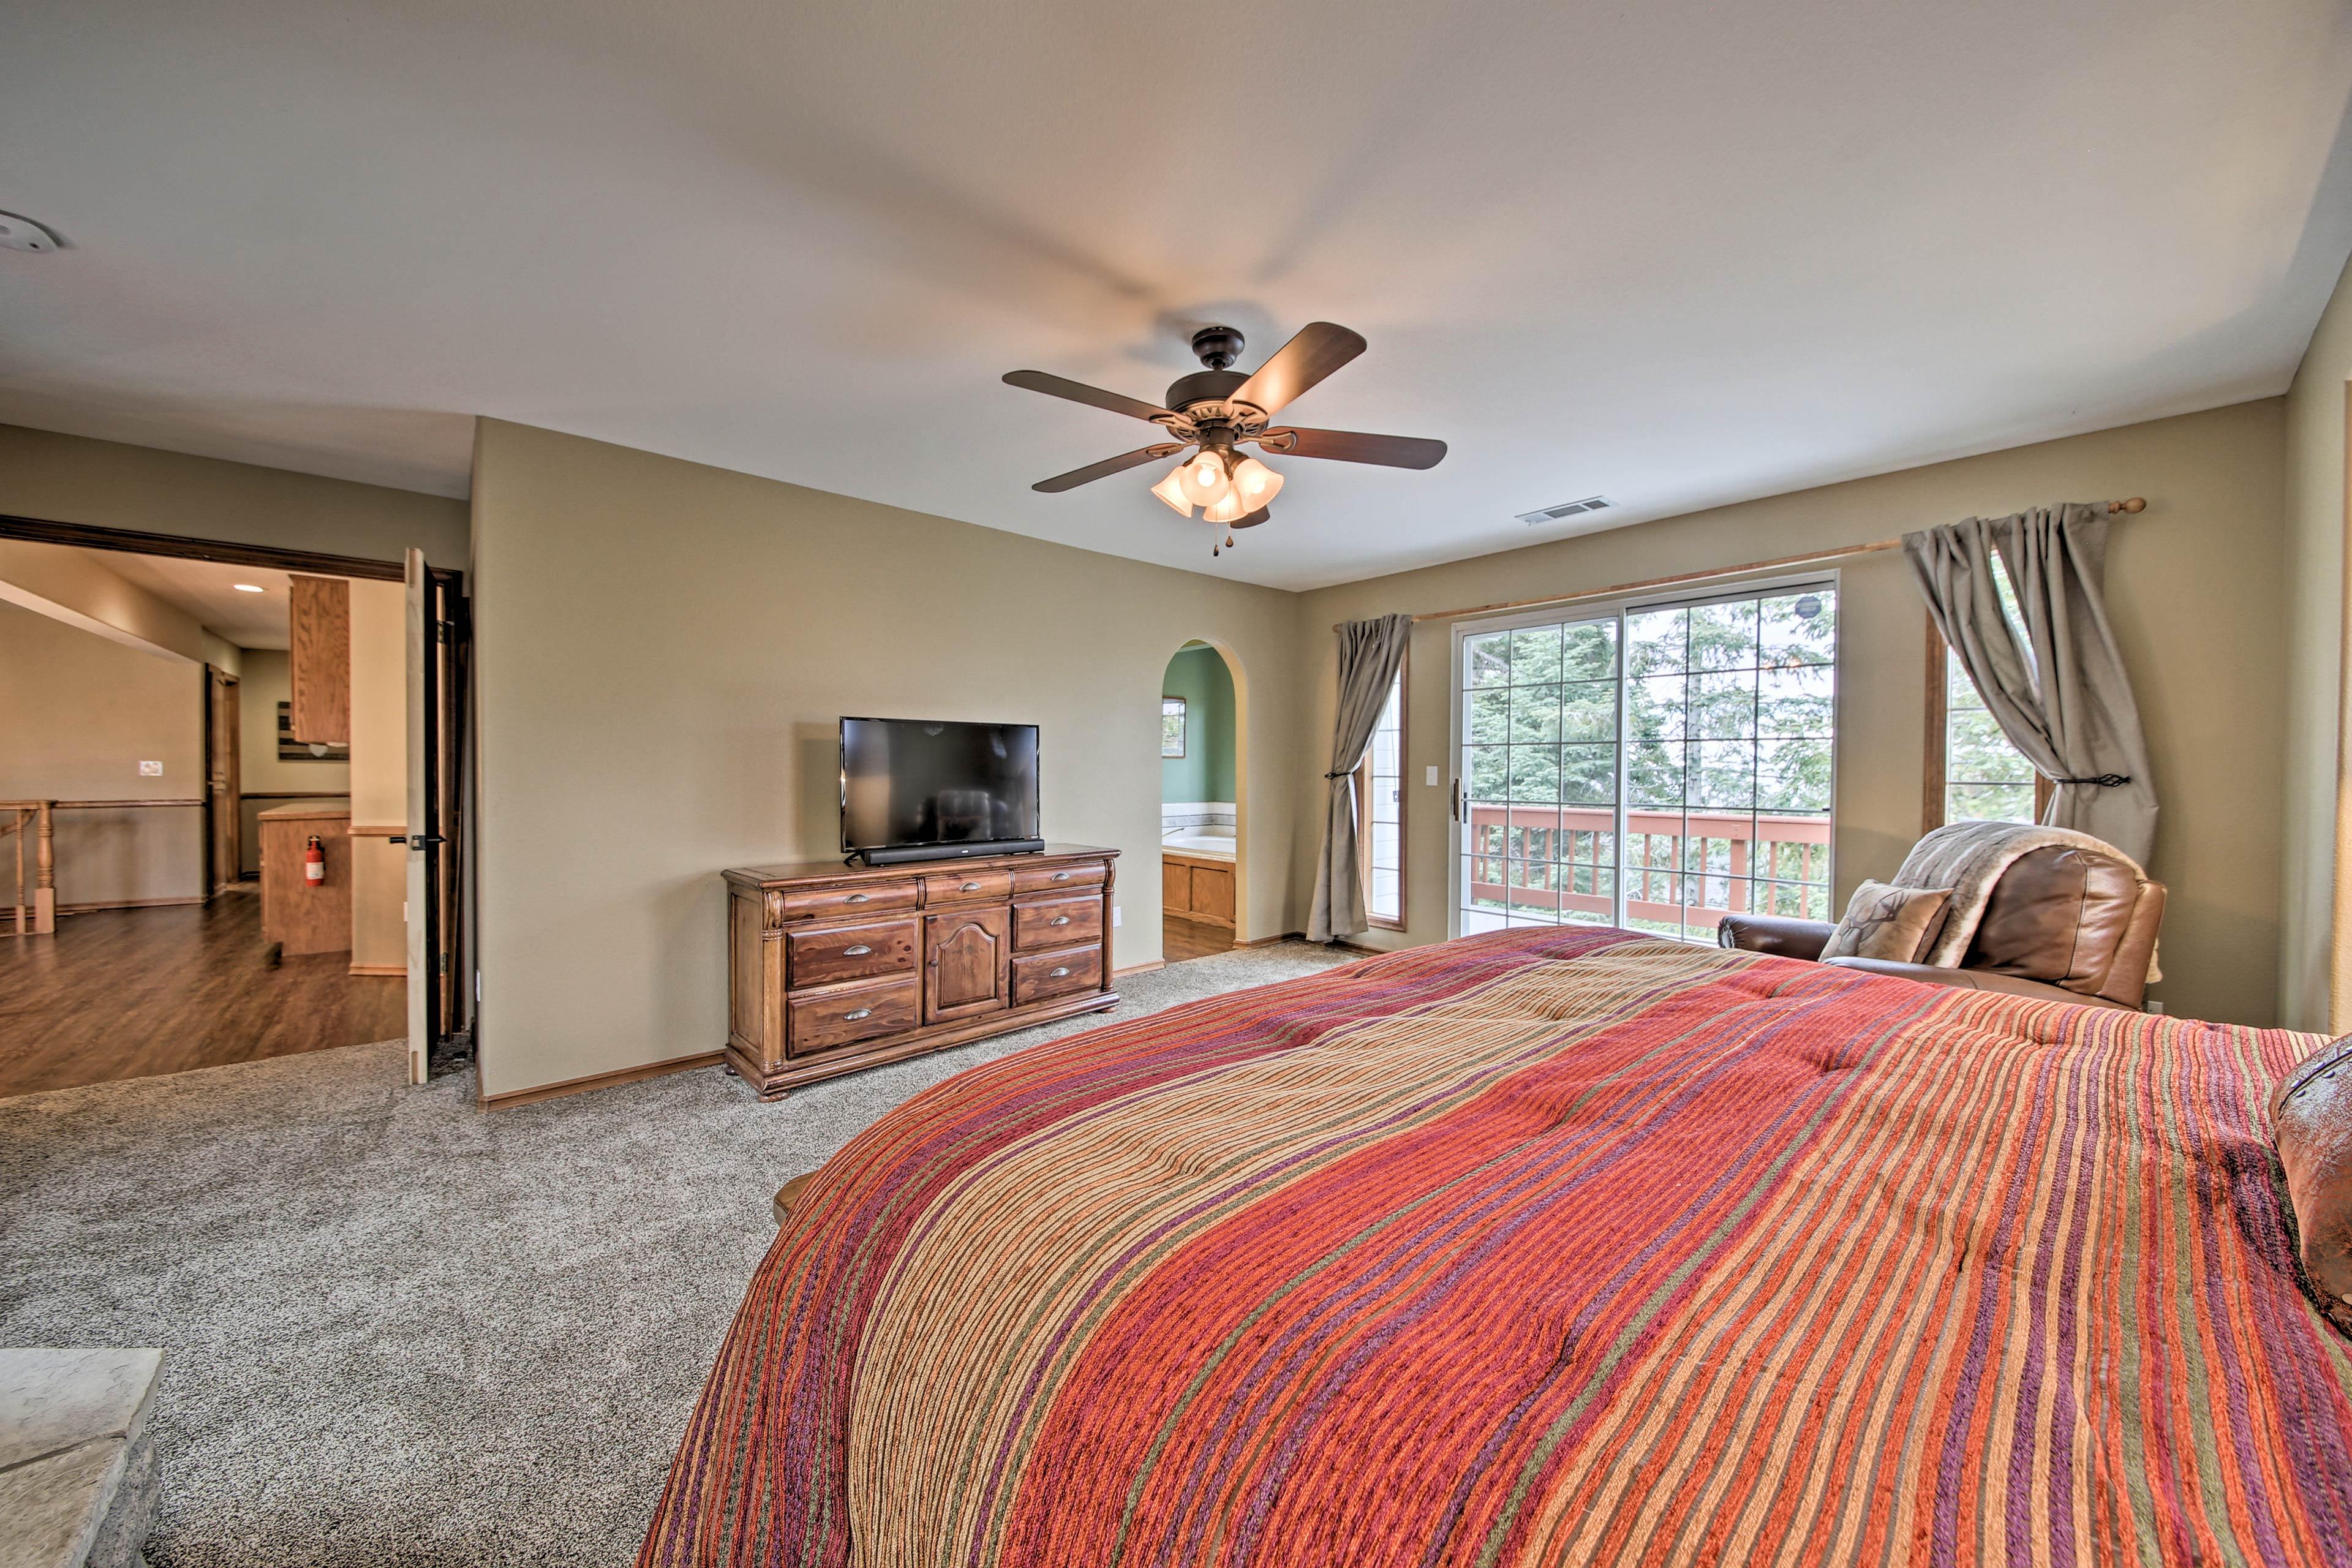 Master Bedroom   King Bed   Smart TV   En-Suite Bathroom